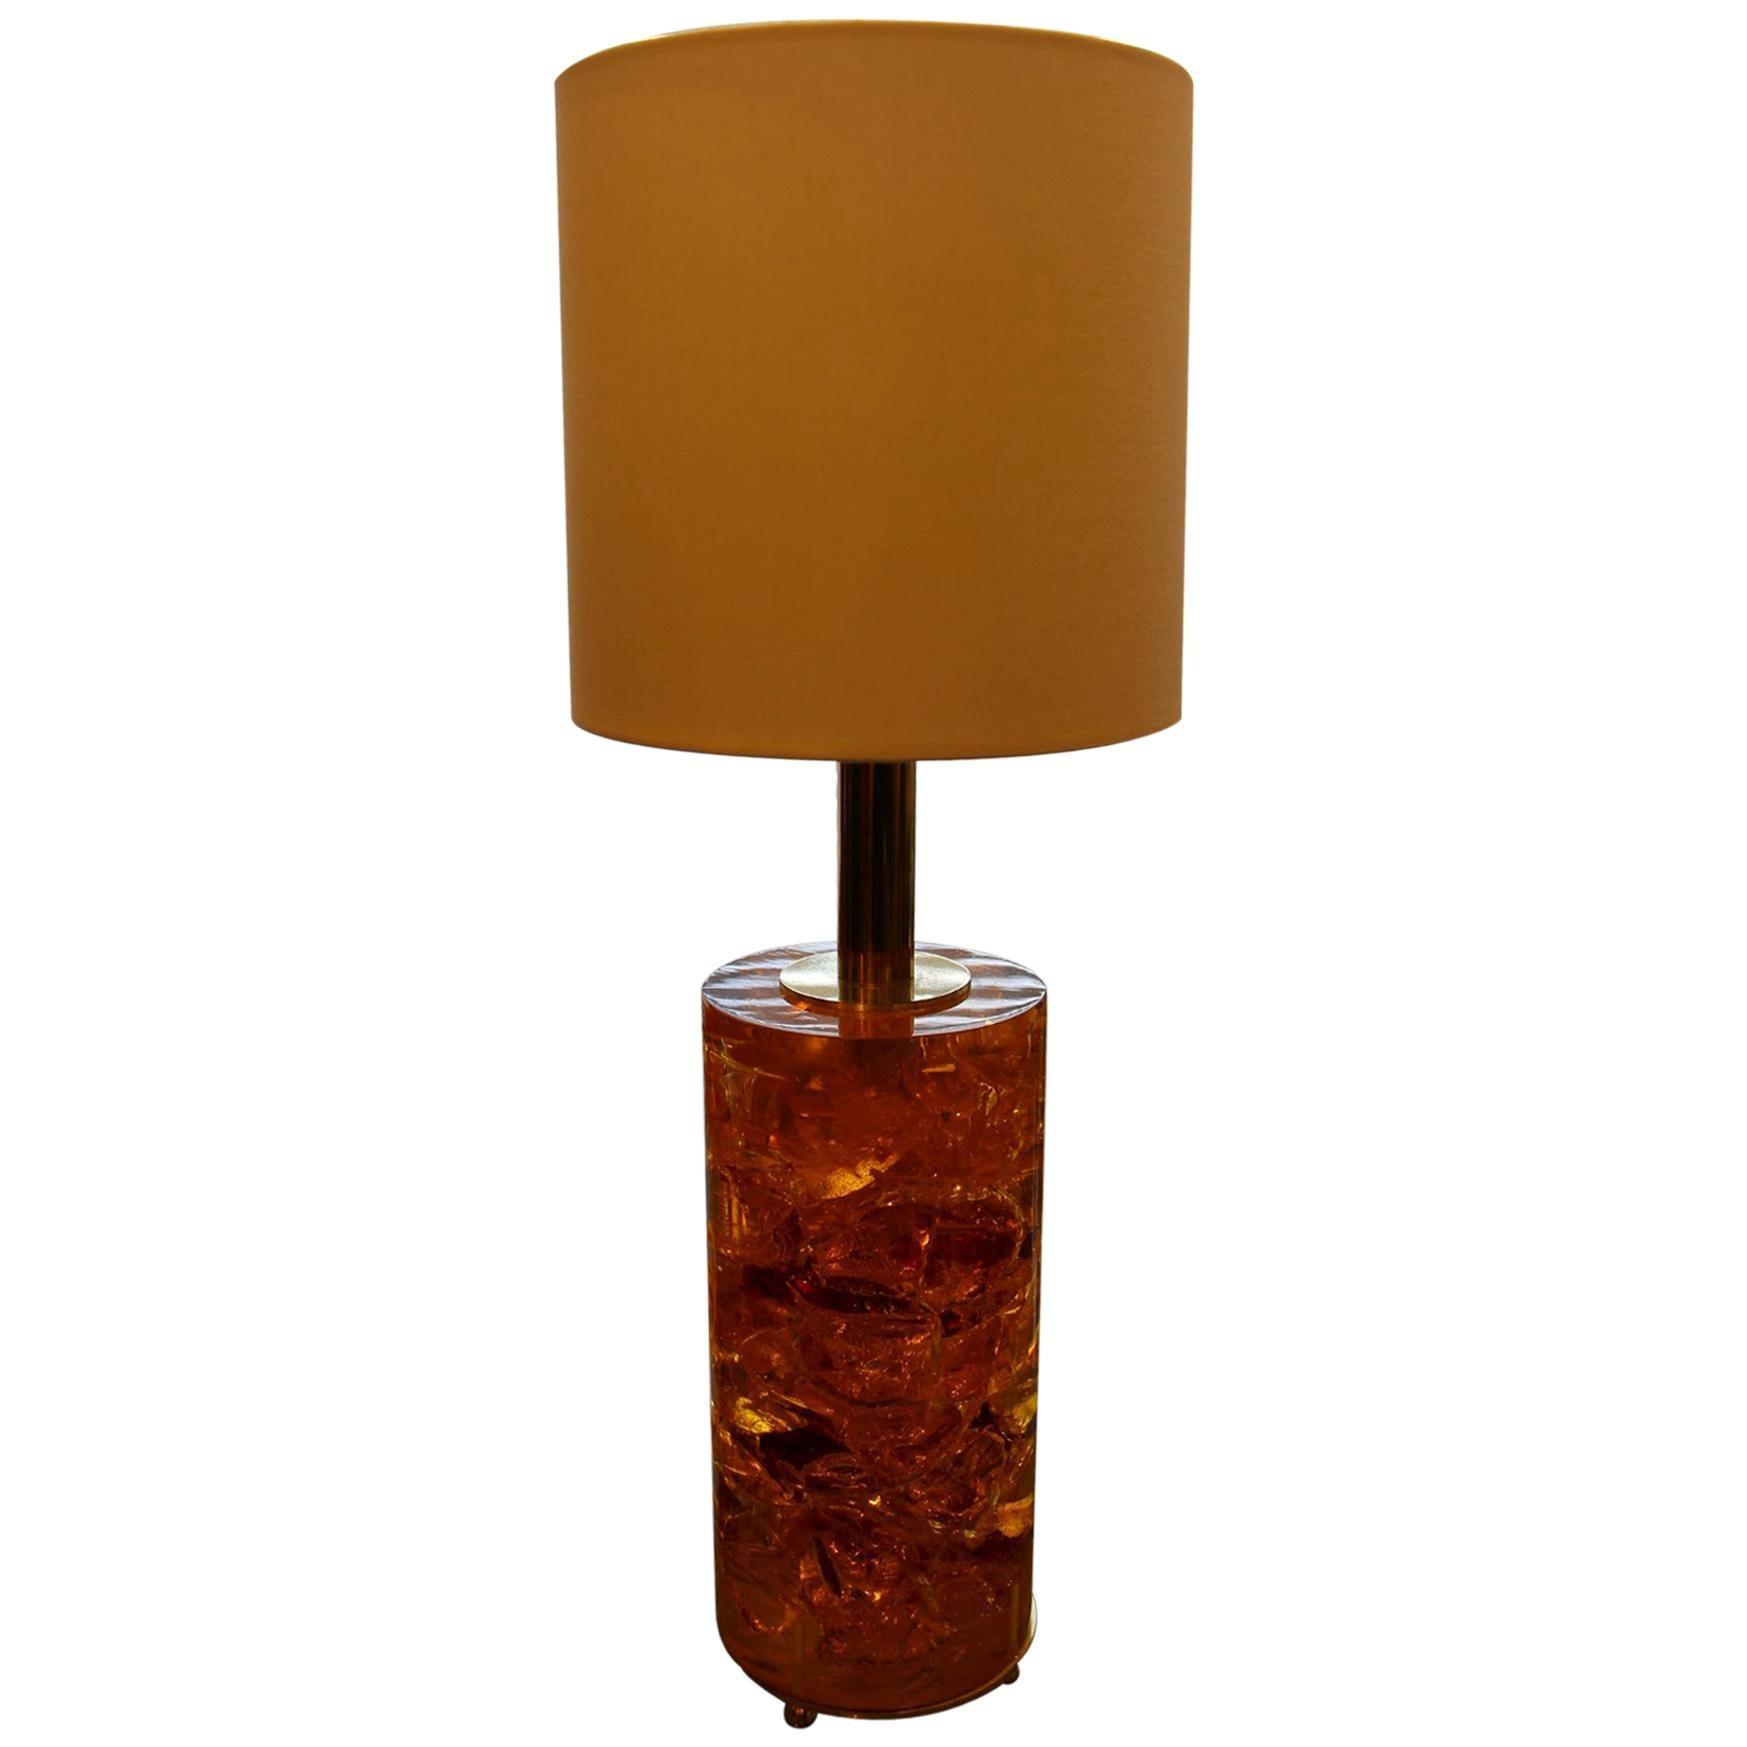 Fractal Resin Table Lamp,Marie-Claude de Fouquières,Pierre Giraudon Style